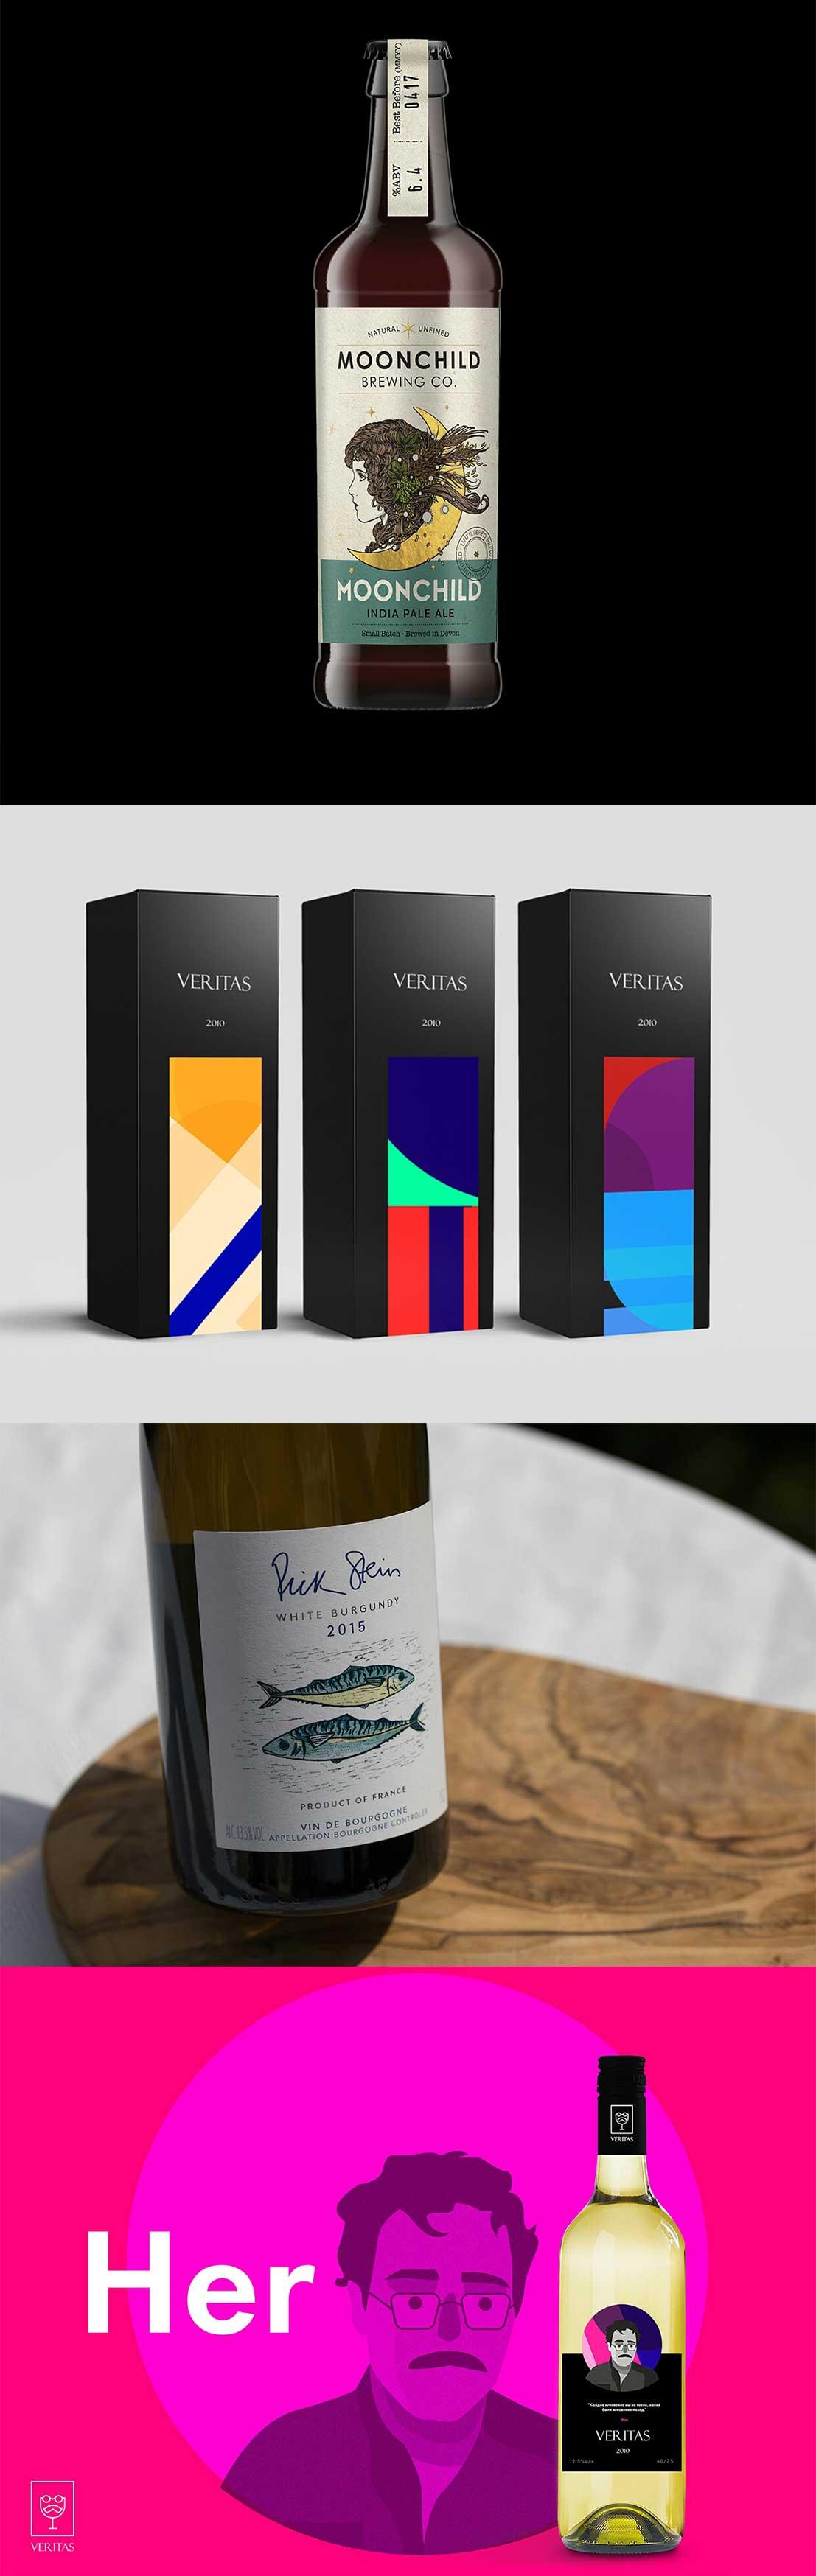 تصميم زجاجة النبيذ